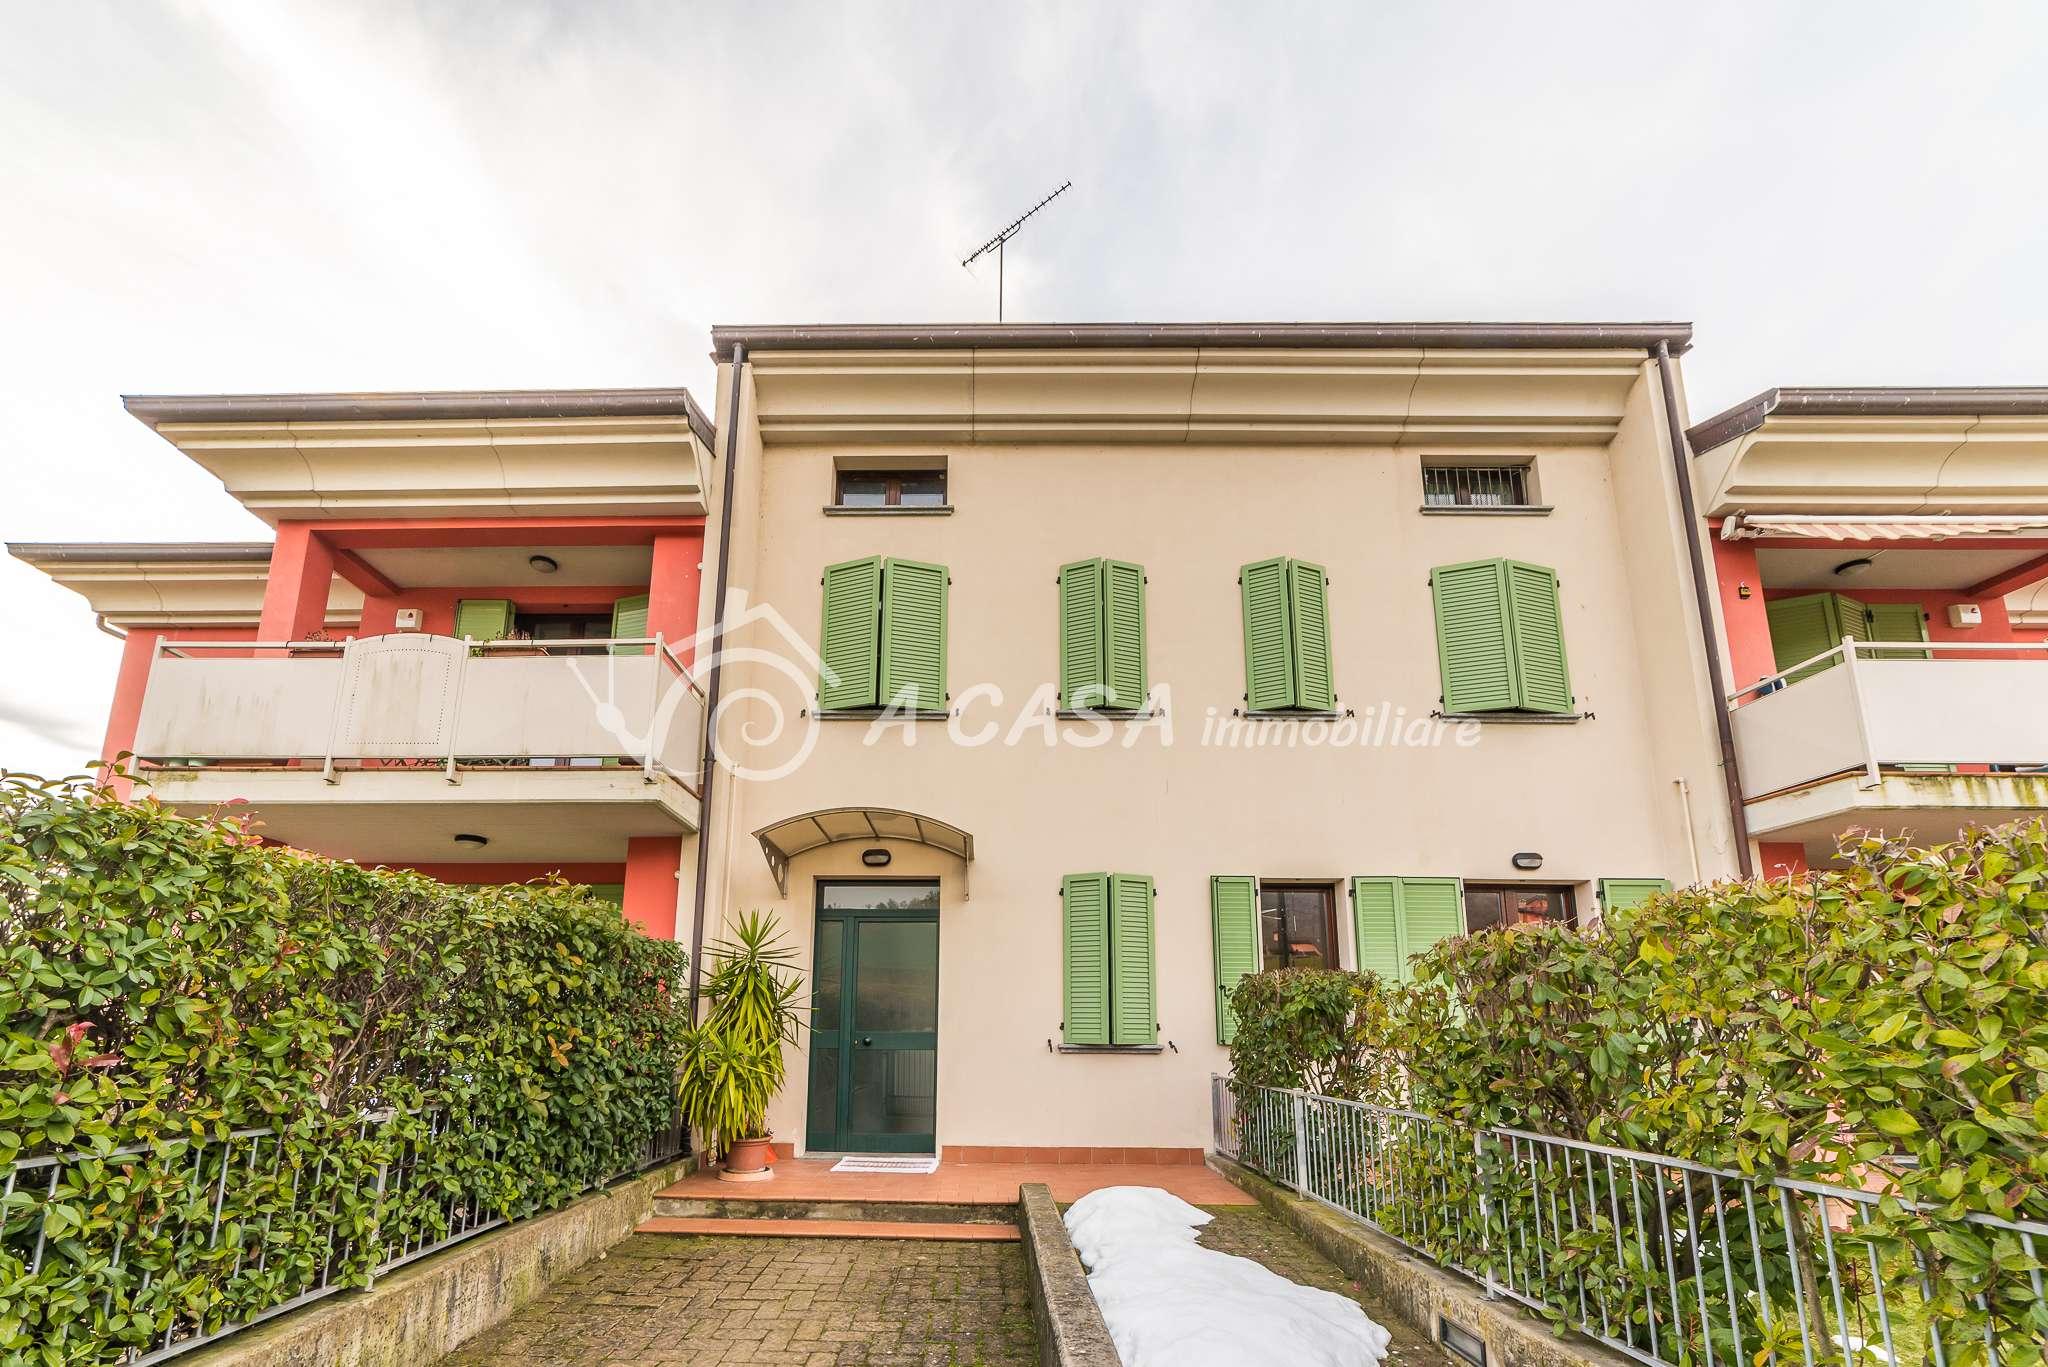 Appartamento in vendita a Varano de' Melegari, 4 locali, prezzo € 179.000 | CambioCasa.it